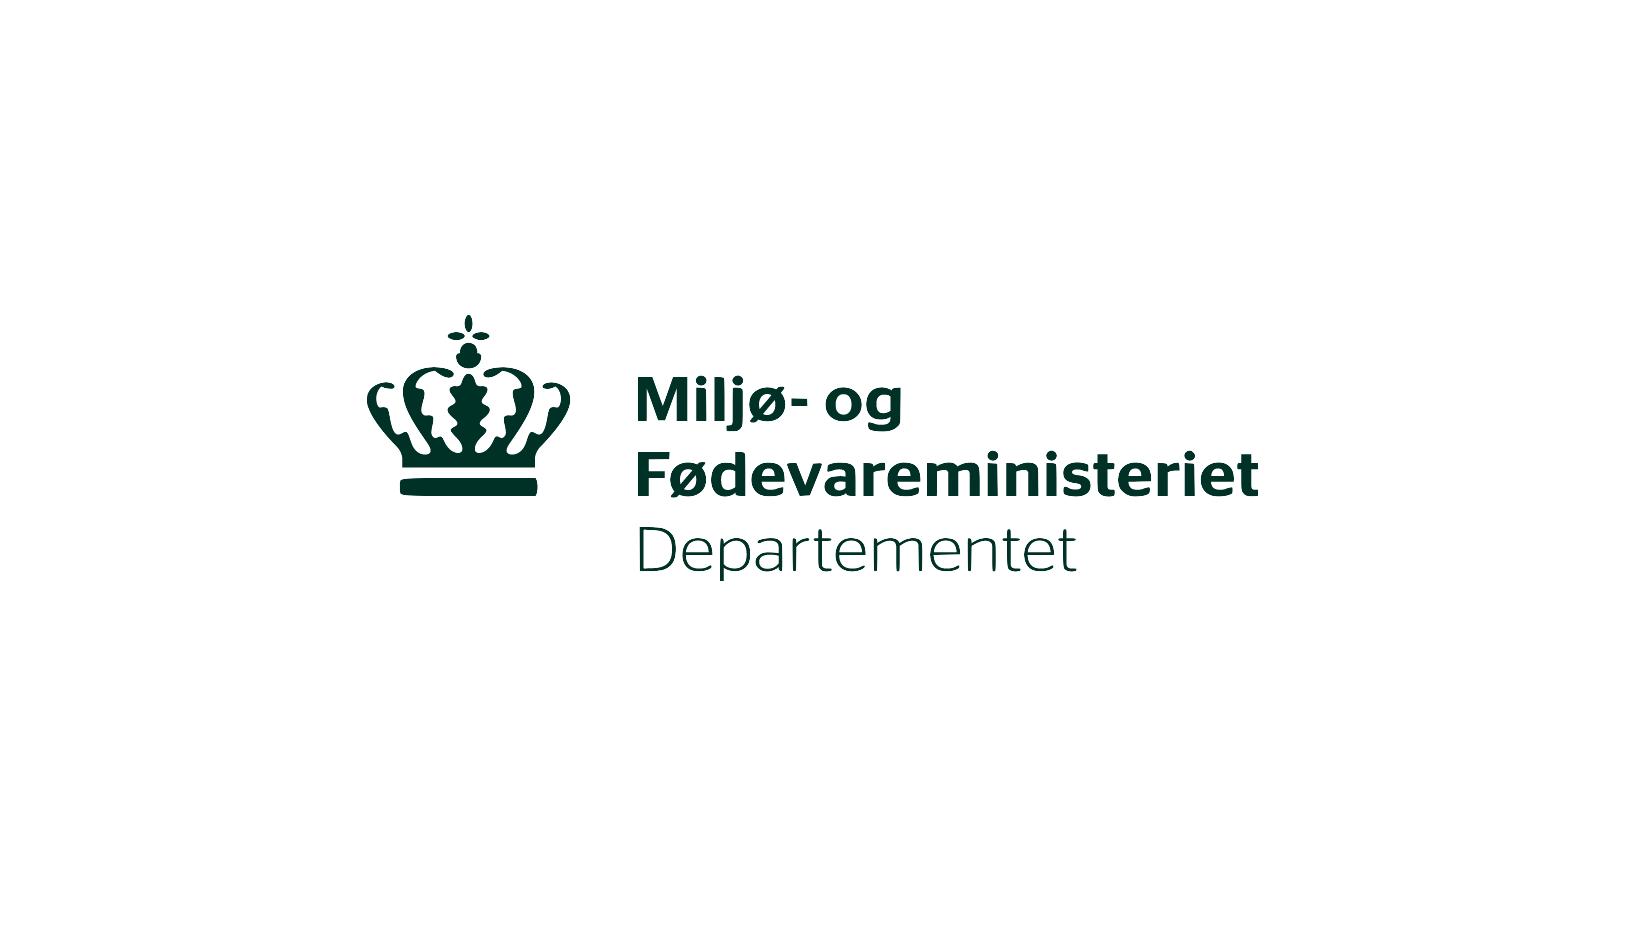 Miljø- og Fødevareministeriet Departementet